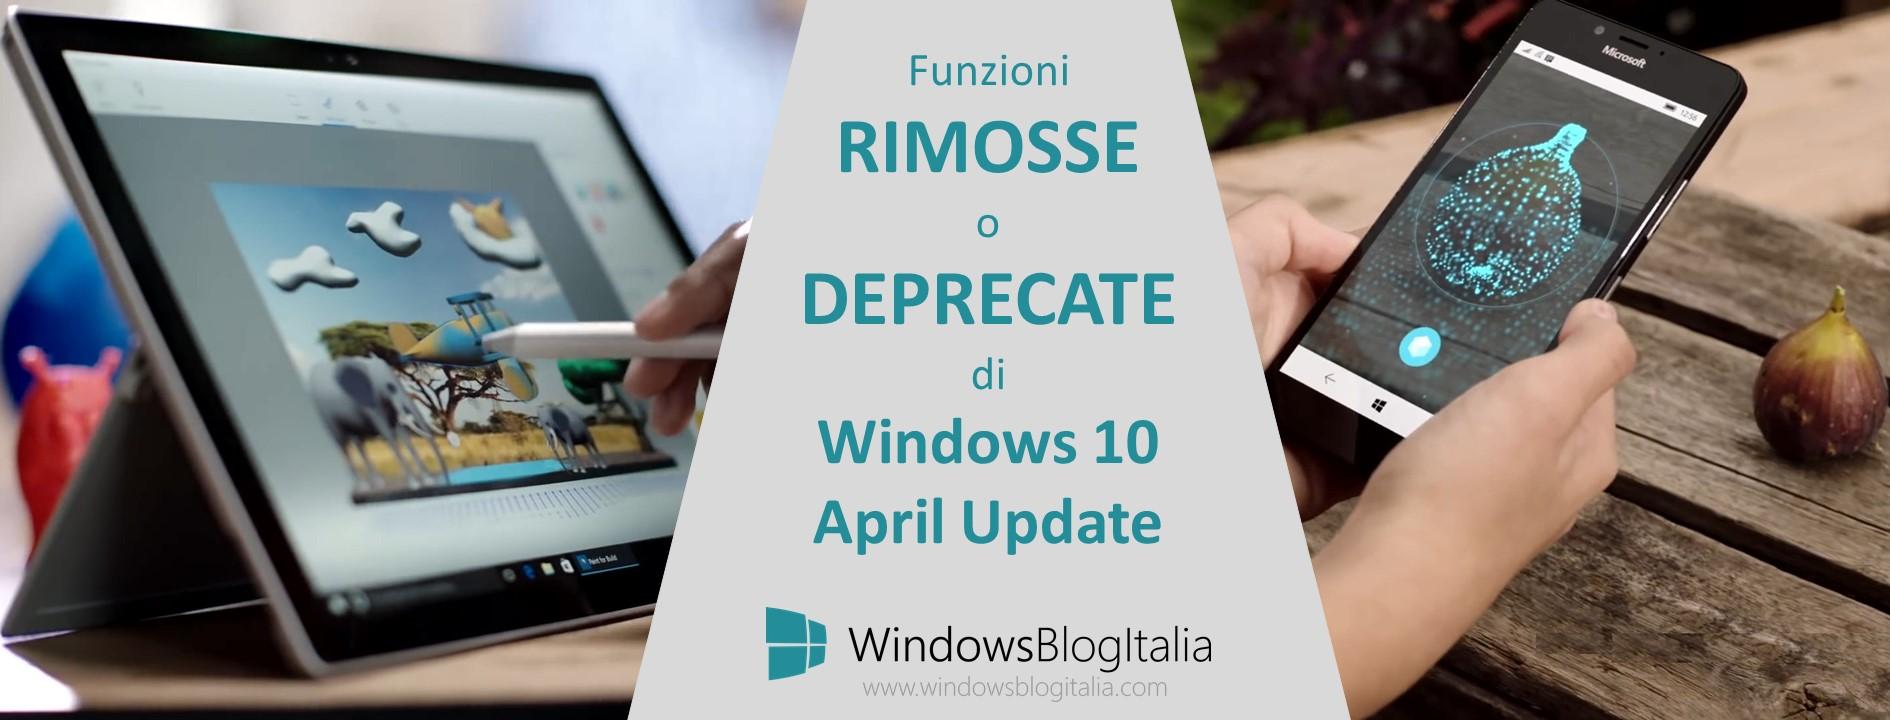 funzioni rimosse e deprecate da Windows 10 April Update